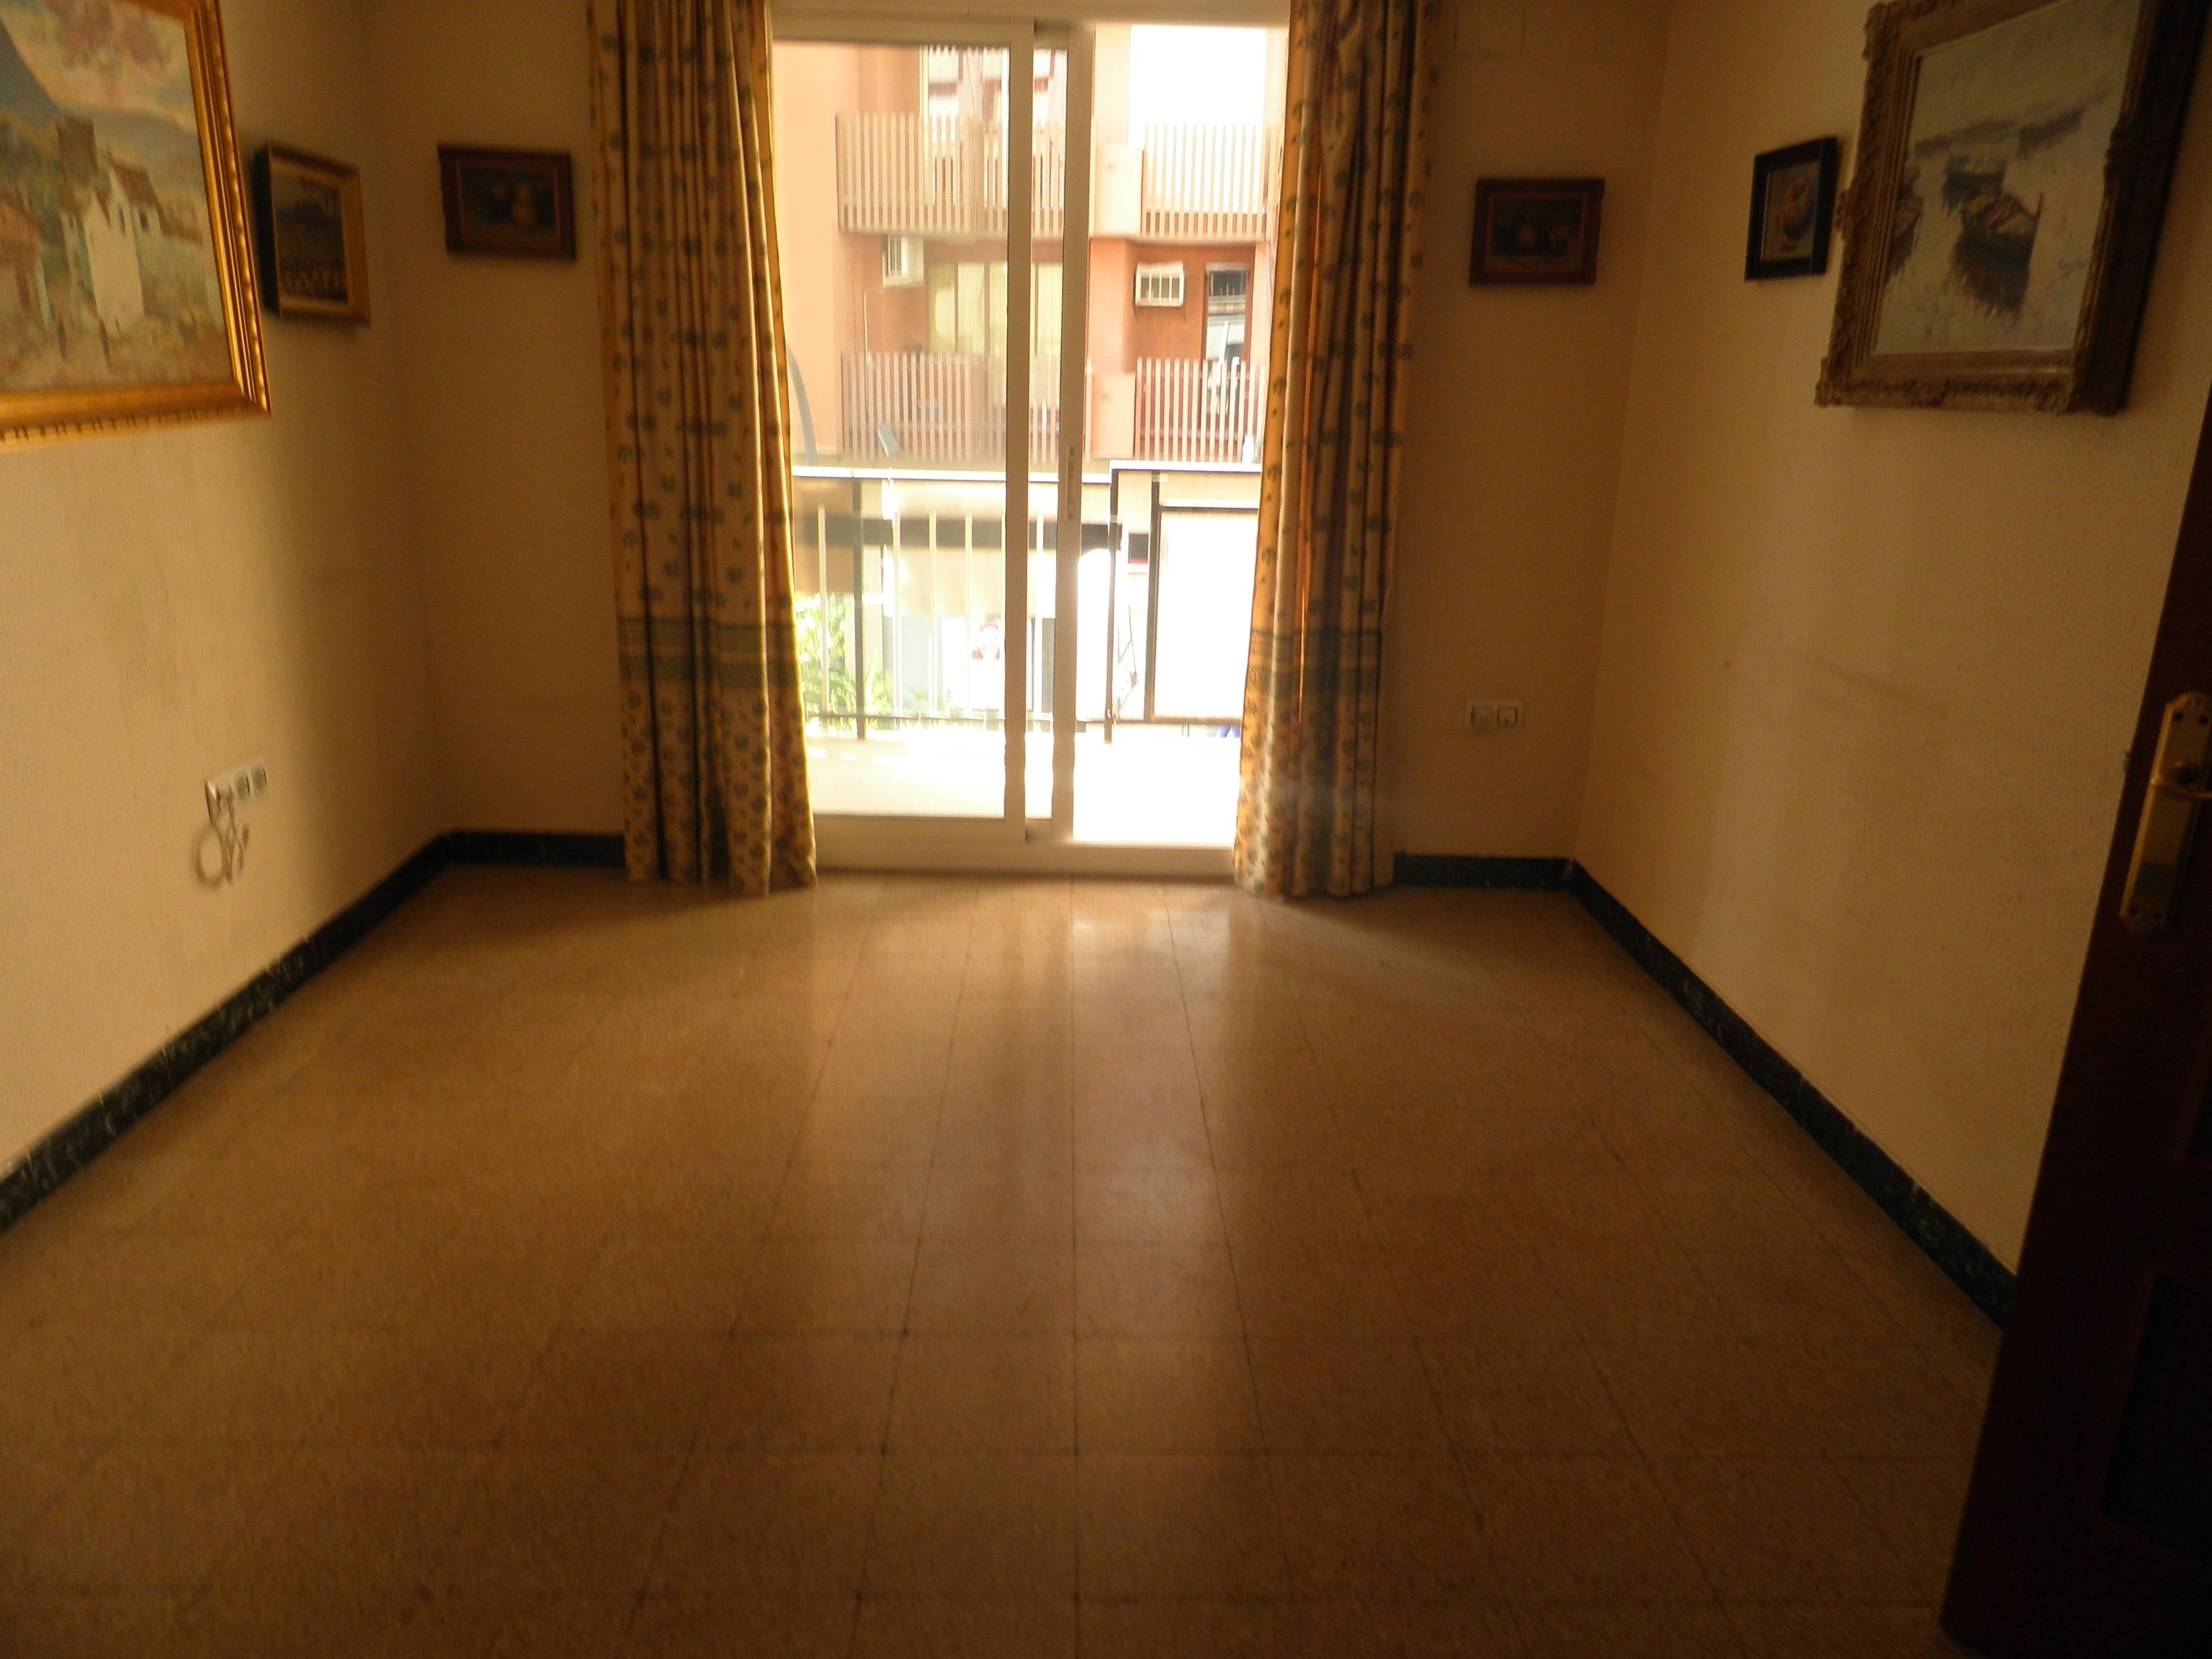 Piso en el centro es un primero inmobiliaria llagaria inmuebles en venta y alquiler - Pisos en xativa ...